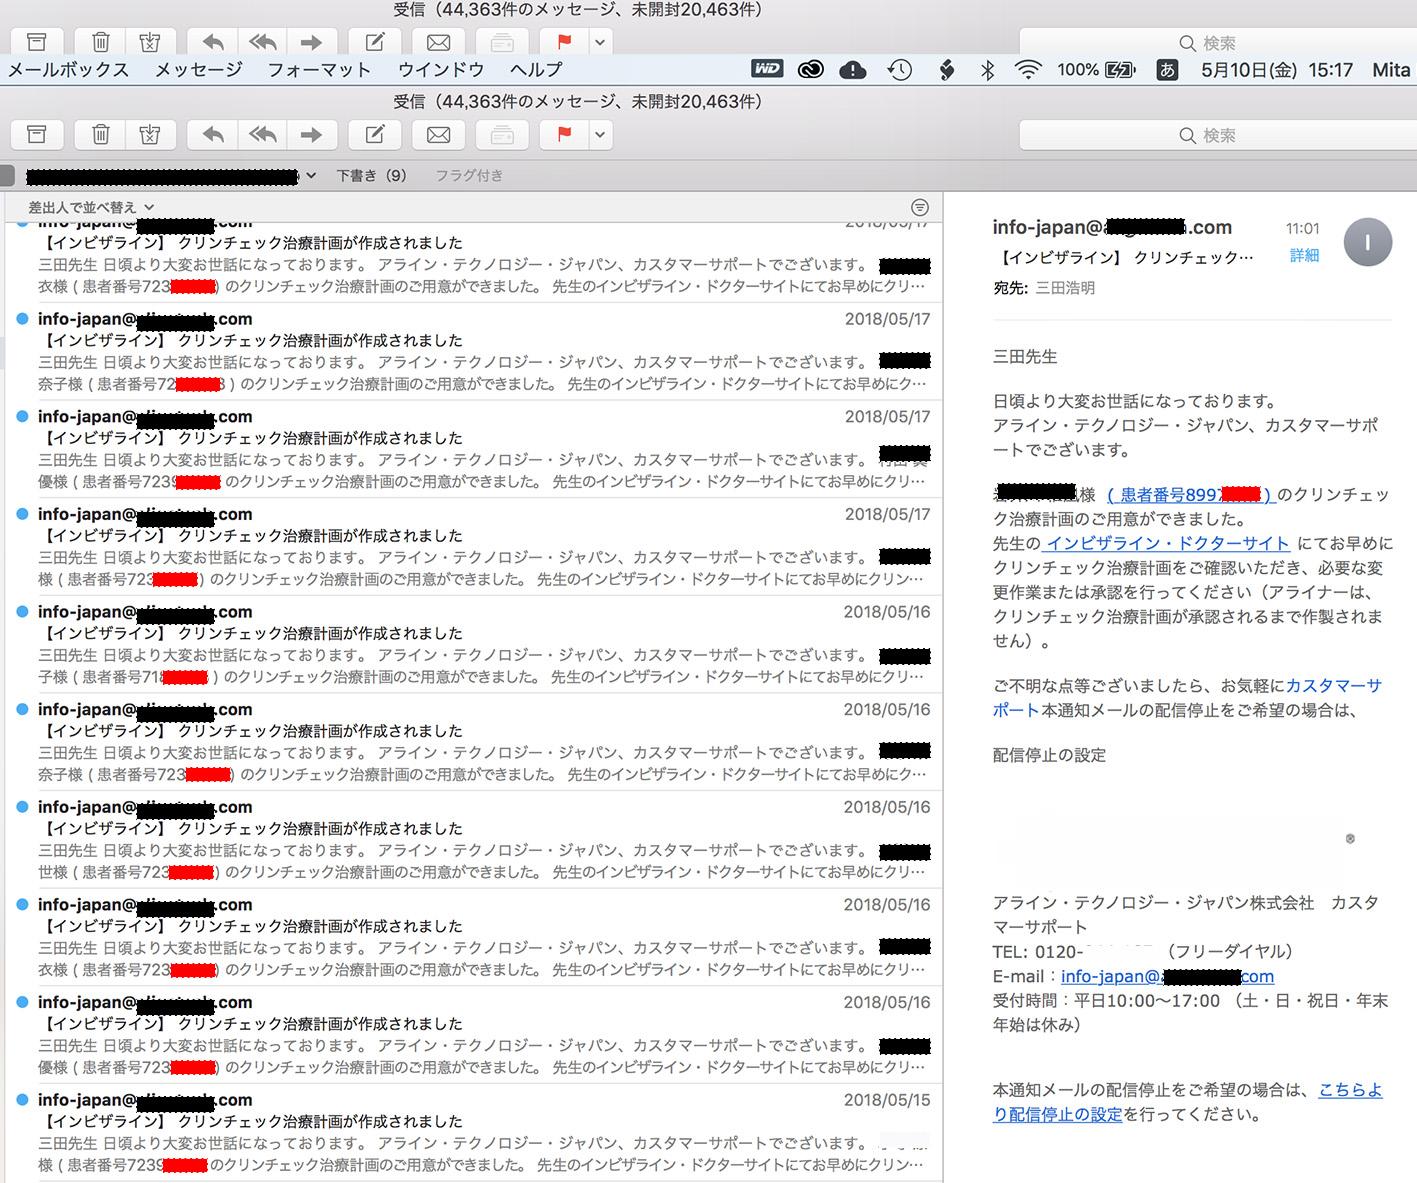 MBLOG_CC_mail